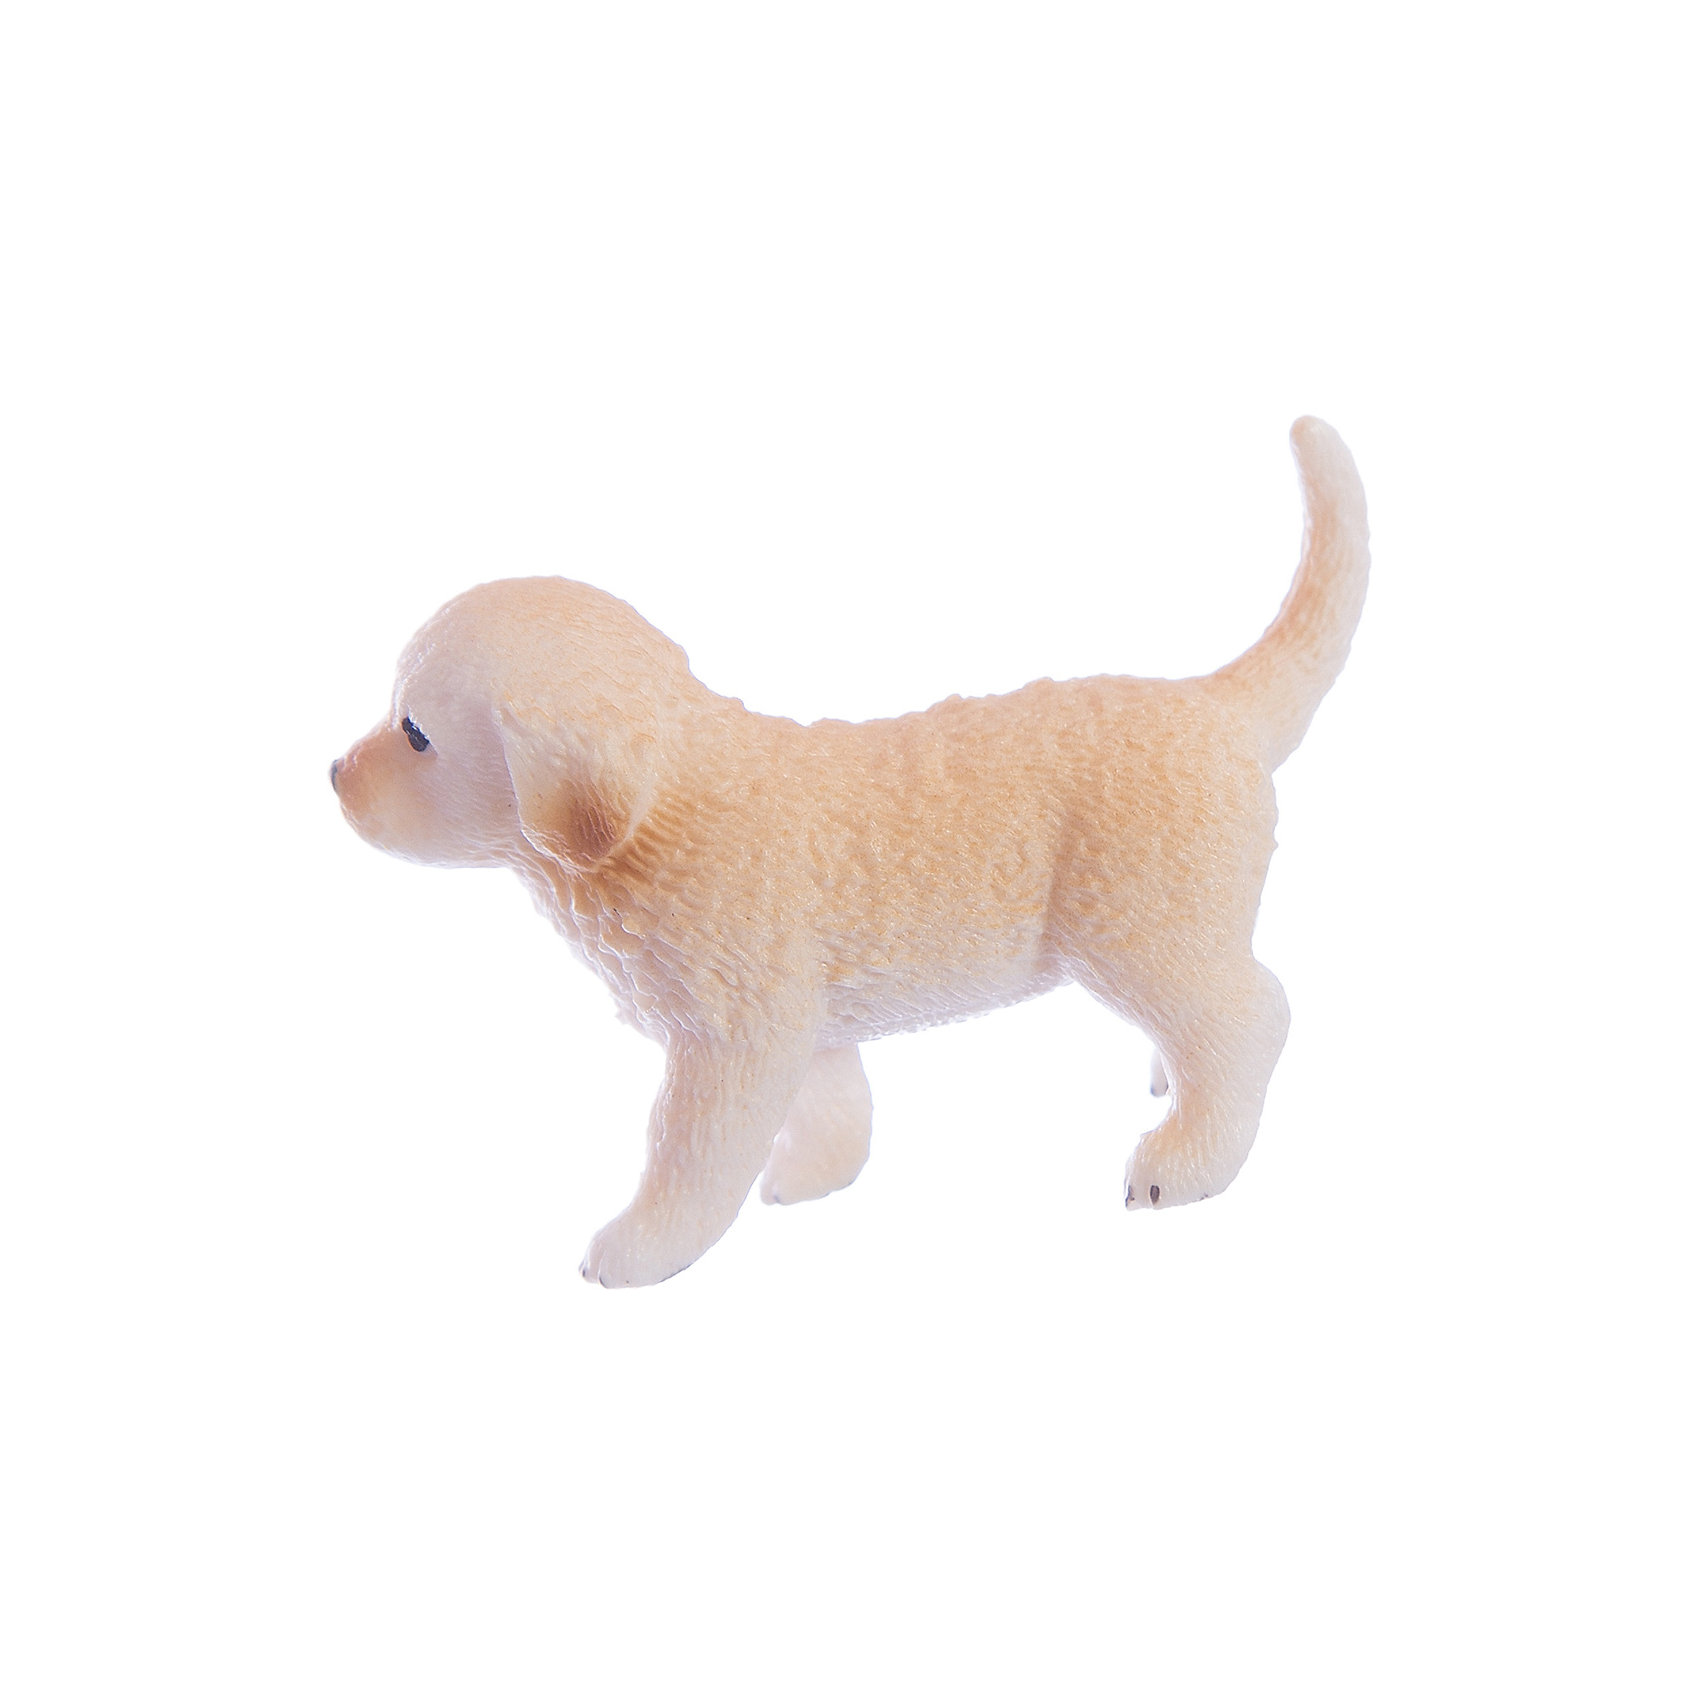 Голден ретривер, SchleichГолден ретривер, Schleich (Шляйх) - коллекционная и игровая фигурка от немецкого производителя Schleich (Шляйх).<br>Фигурка щенка собаки породы золотистый ретривер светло-коричневого цвета обязательно порадует всех любителей собак и разнообразит  игры вашего ребенка. Золотой ретривер является одной из самых популярных и любимых многими породой собак. Они прекрасно поддаются дрессировке, очень общительны и дружелюбны. Помимо этого, ретриверы являются прекрасными пловцами и охотниками. Все фигурки Schleich (Шляйх) сделаны из гипоаллергенных высокотехнологичных материалов, раскрашены вручную и не вызывают аллергии у ребенка. Прекрасно выполненные фигурки Schleich (Шляйх) отличаются высочайшим качеством игрушек ручной работы. Все они создаются при постоянном сотрудничестве с Берлинским зоопарком, а потому, являются максимально точной копией настоящих животных. Каждая фигурка разработана с учетом исследований в области педагогики и производится как настоящее произведение для маленьких детских ручек.<br><br>Дополнительная информация:<br><br>-Размер фигурки: 5,1 x 2 x 3 см.<br>-Вес фигурки: 9 грамм<br>-Материал: каучуковый пластик<br><br>Голден ретривер, Schleich (Шляйх) - ваш ребенок будет наслаждаться игрой с новой восхитительной игрушкой.<br><br>Фигурку Голден ретривера, Schleich (Шляйх) можно купить в нашем интернет-магазине.<br><br>Ширина мм: 51<br>Глубина мм: 2<br>Высота мм: 17<br>Вес г: 6<br>Возраст от месяцев: 36<br>Возраст до месяцев: 96<br>Пол: Унисекс<br>Возраст: Детский<br>SKU: 3443155